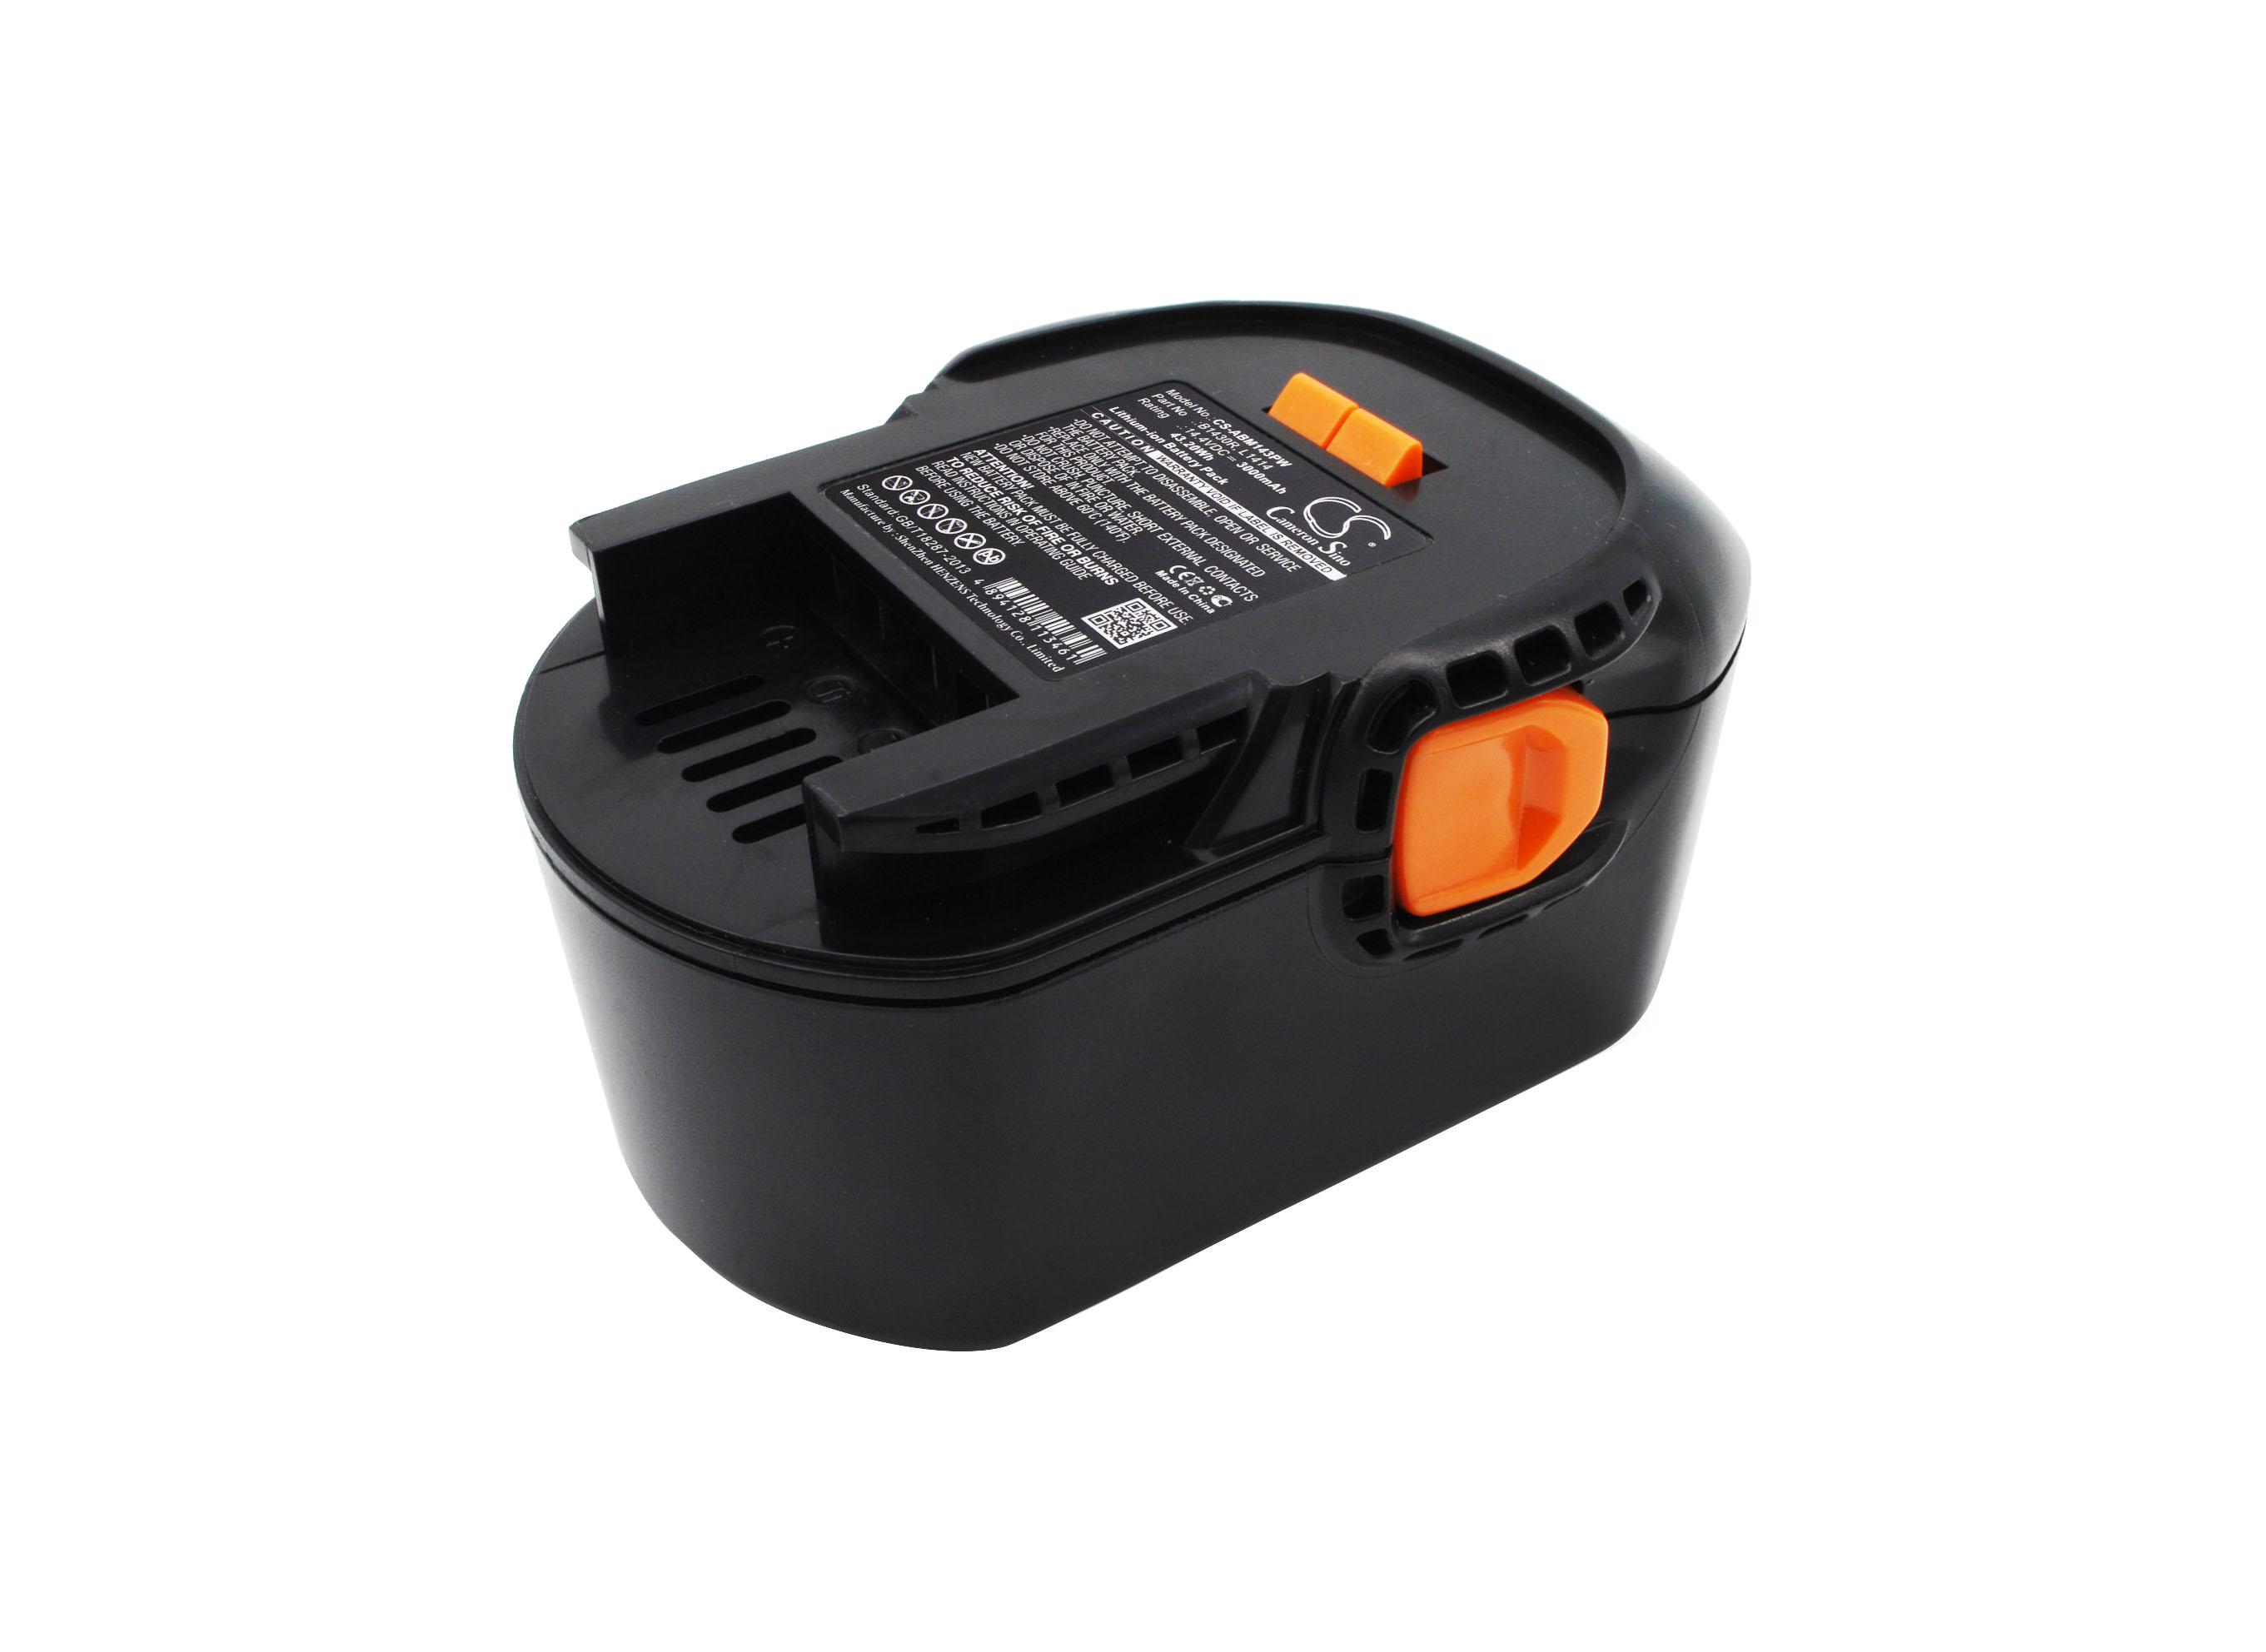 Cameron Sino baterie do nářadí pro AEG BS 14 X 14.4V Li-ion 3000mAh černá - neoriginální